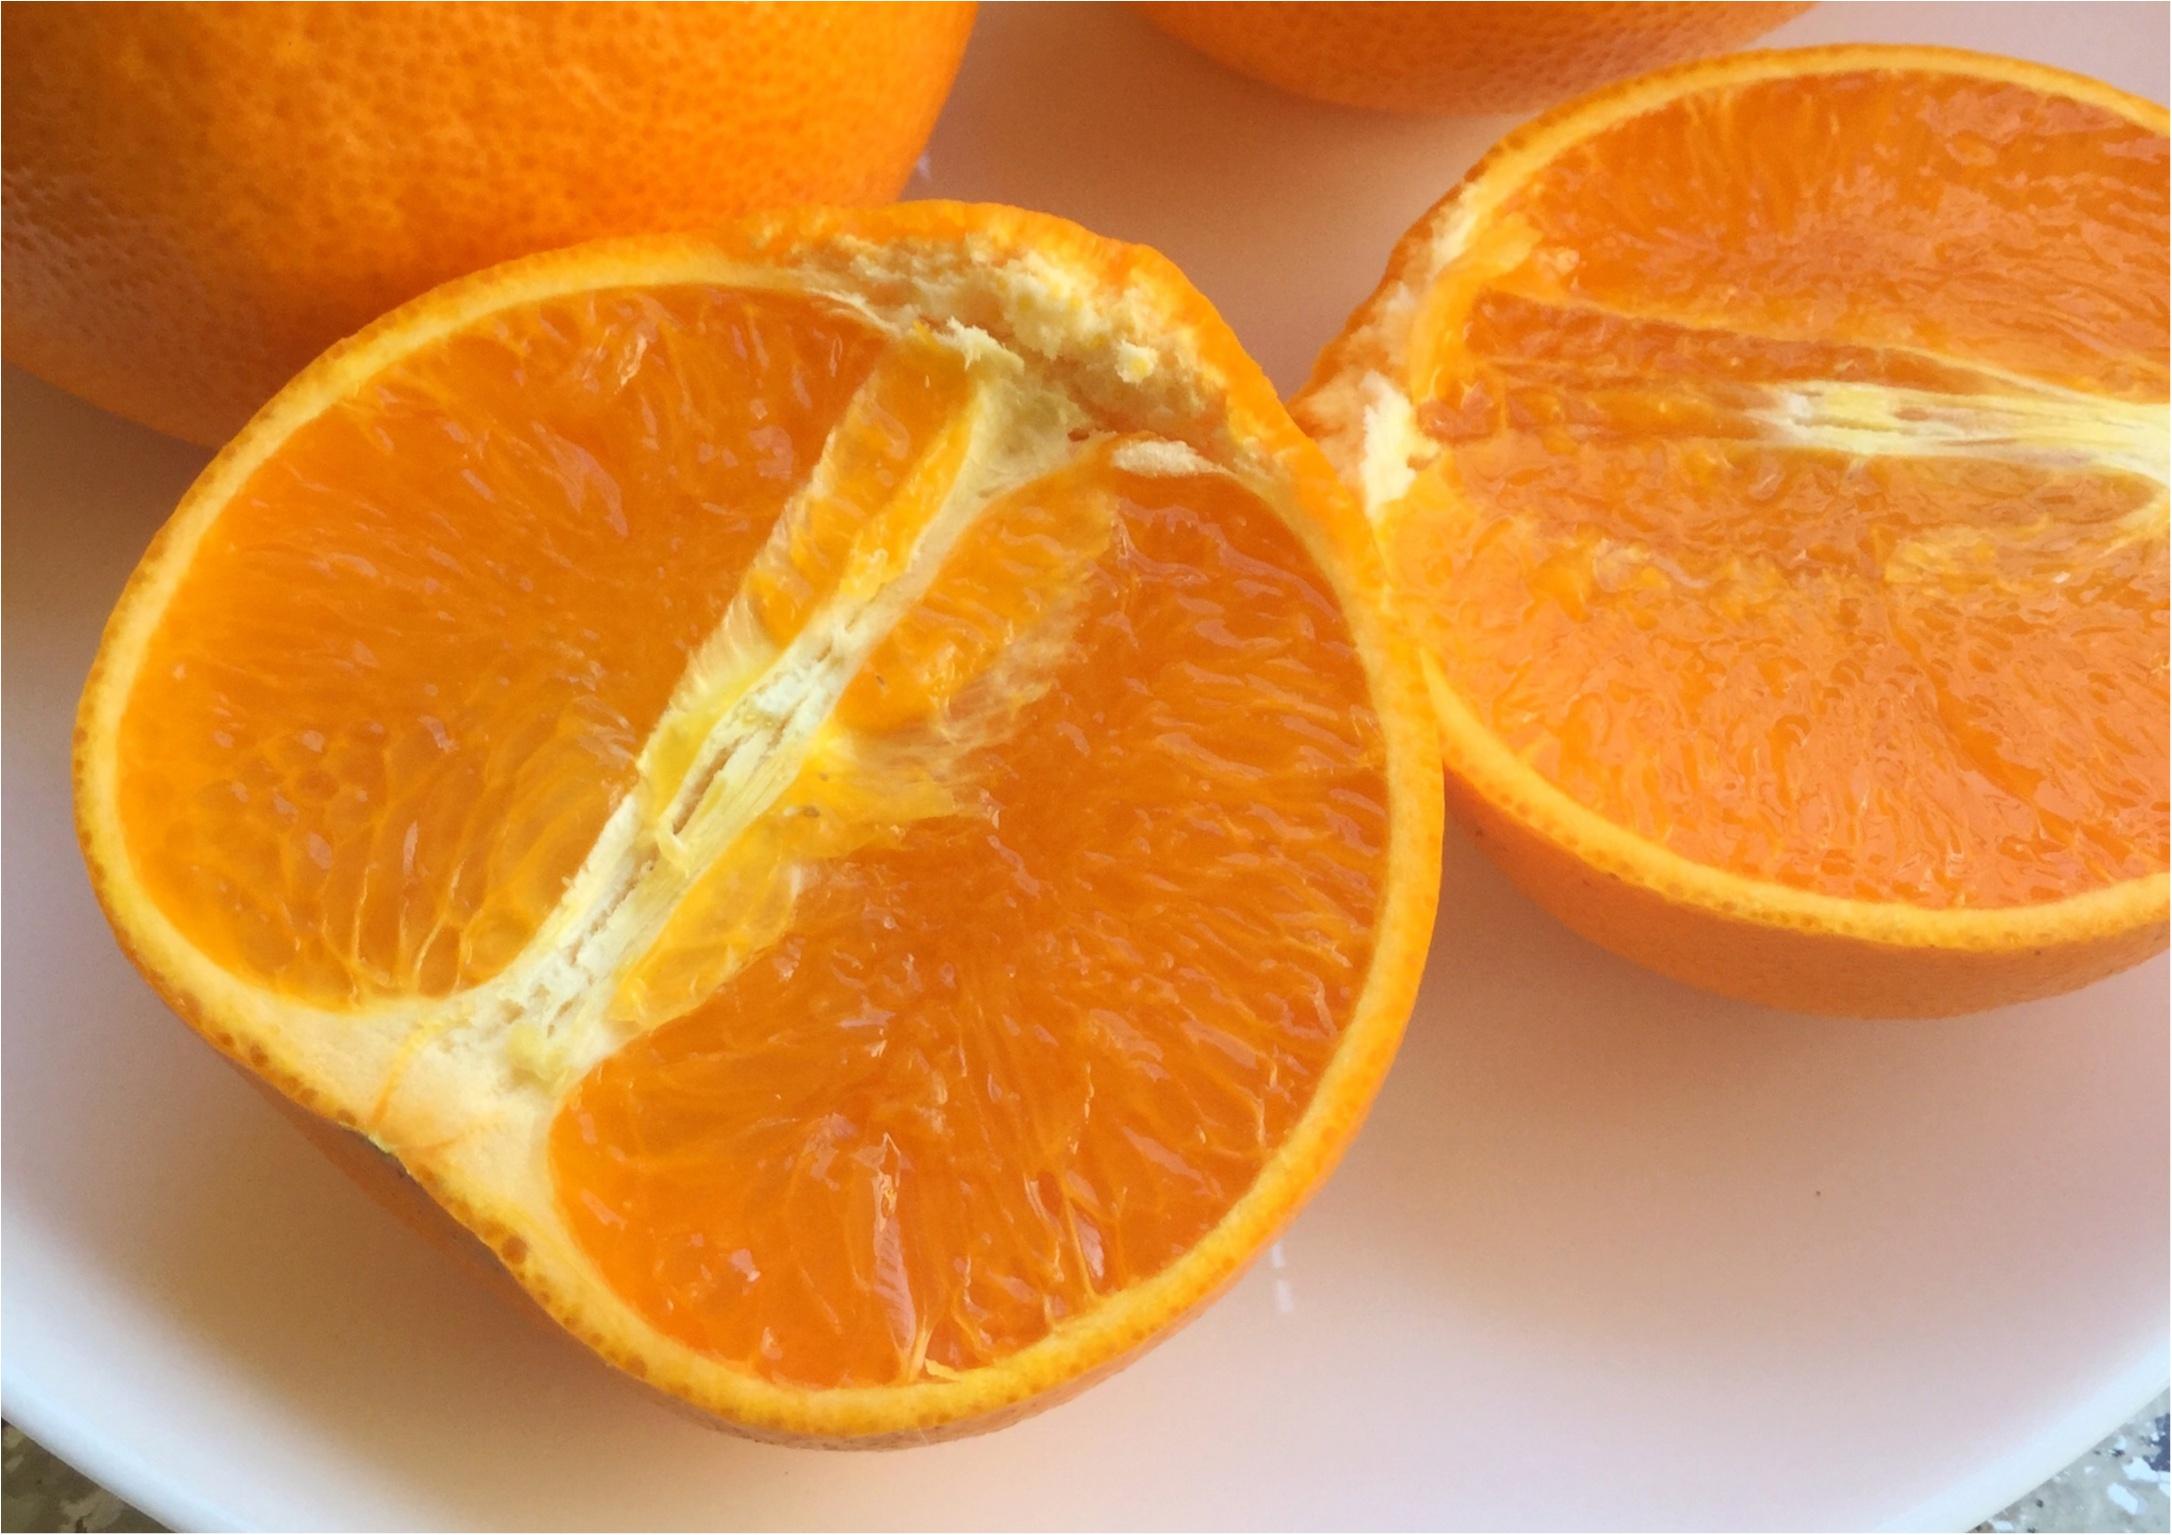 【フルーツ好きがオススメする幻の柑橘】ビタミンCが豊富な柑橘類の大トロともいわれる「せとか」で美肌をゲットしませんか♡_3